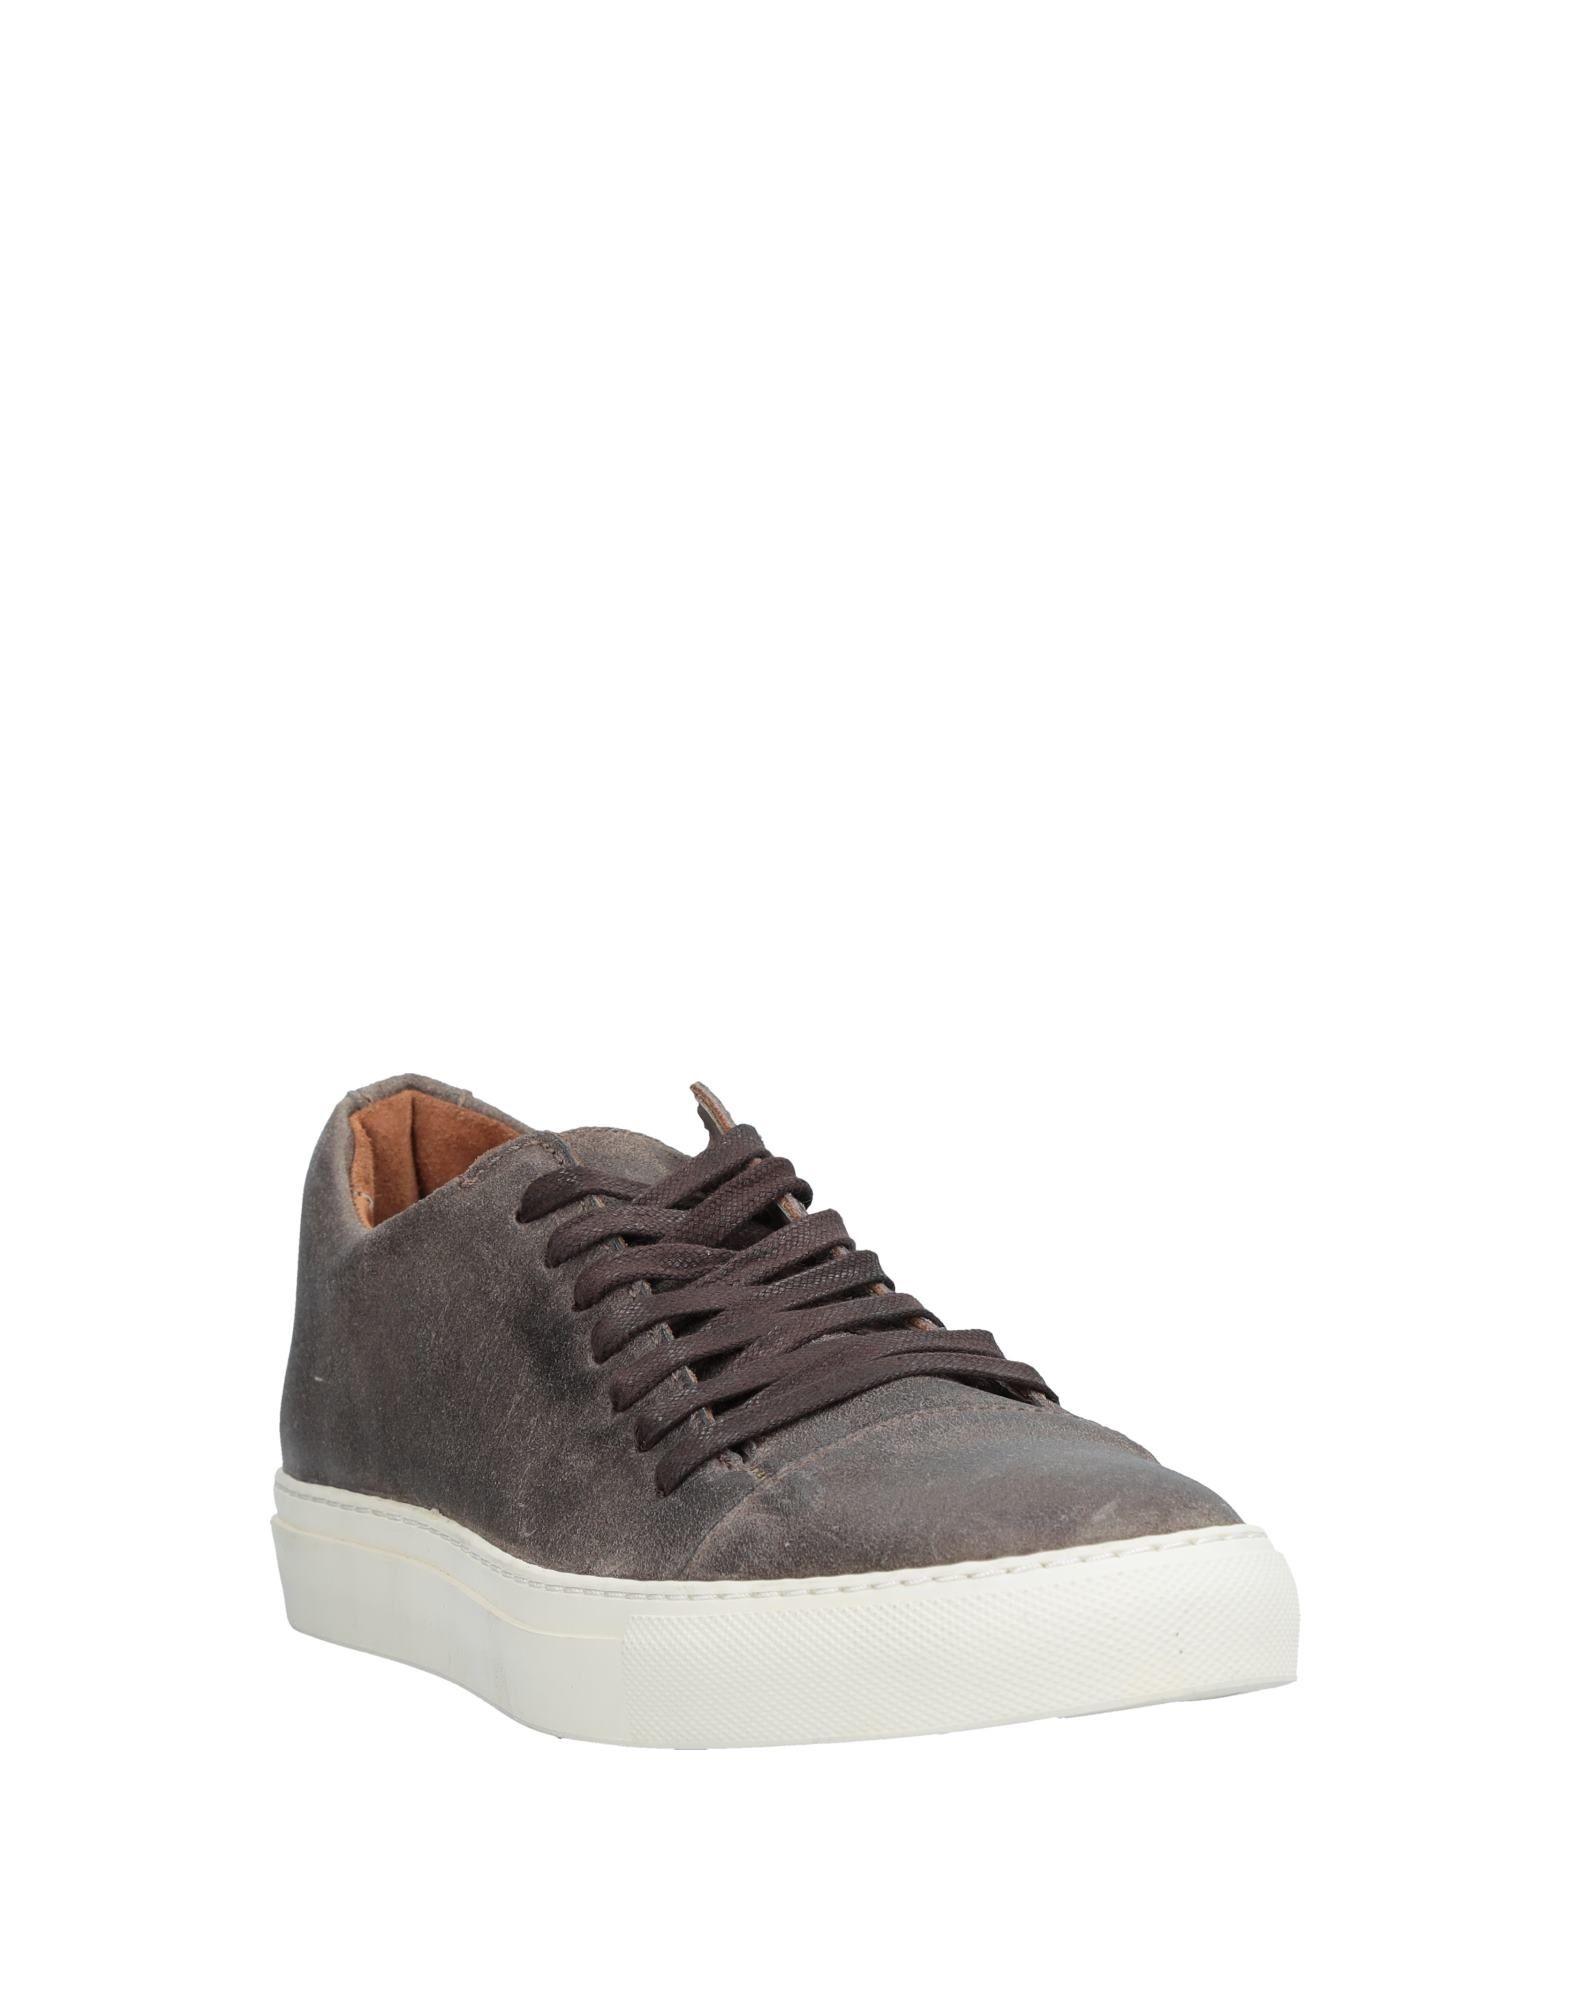 John Varvatos Sneakers Herren    11535884AO 2477cf